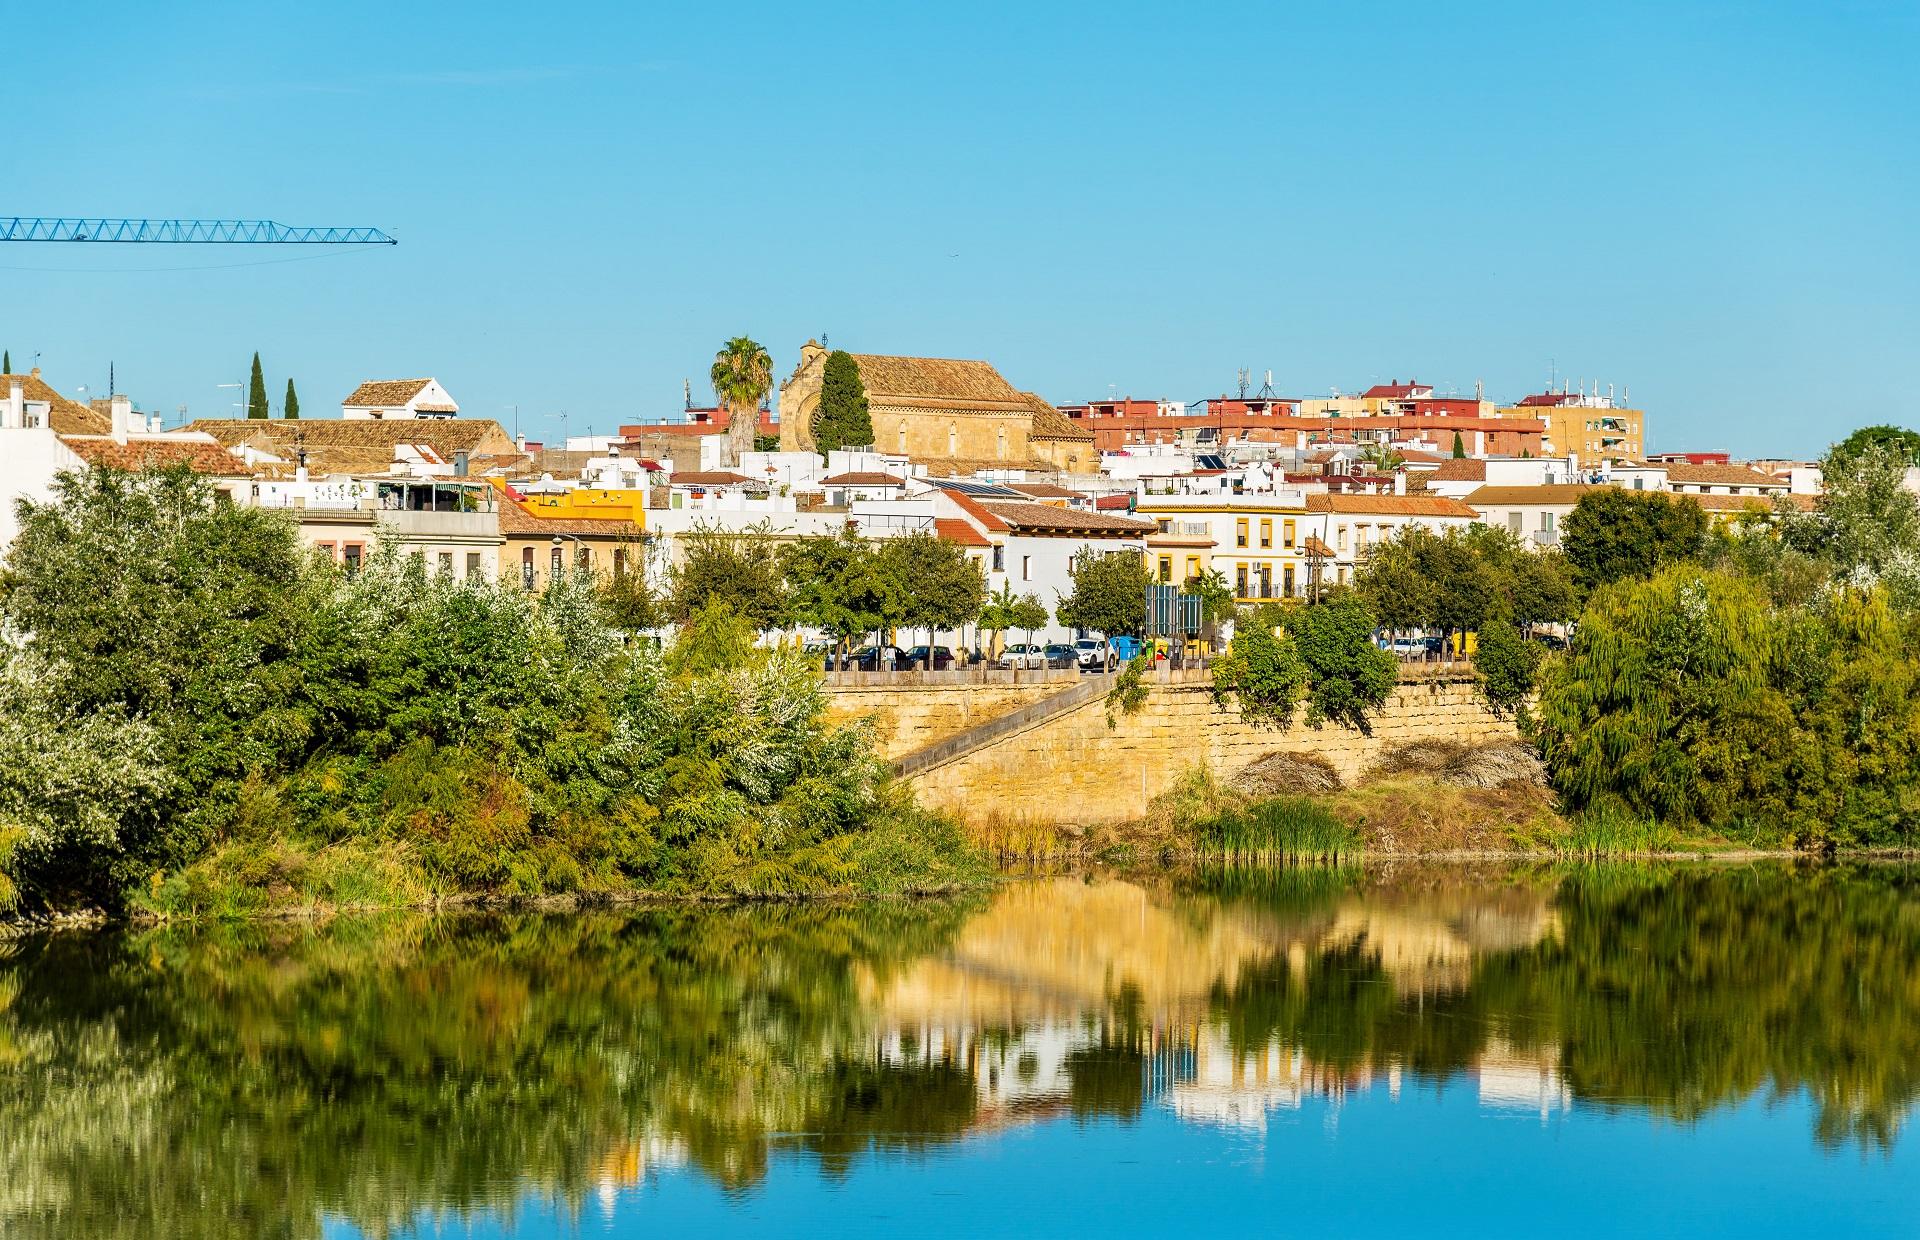 cordoba-city-guadalquivir-river-andalusia-spain